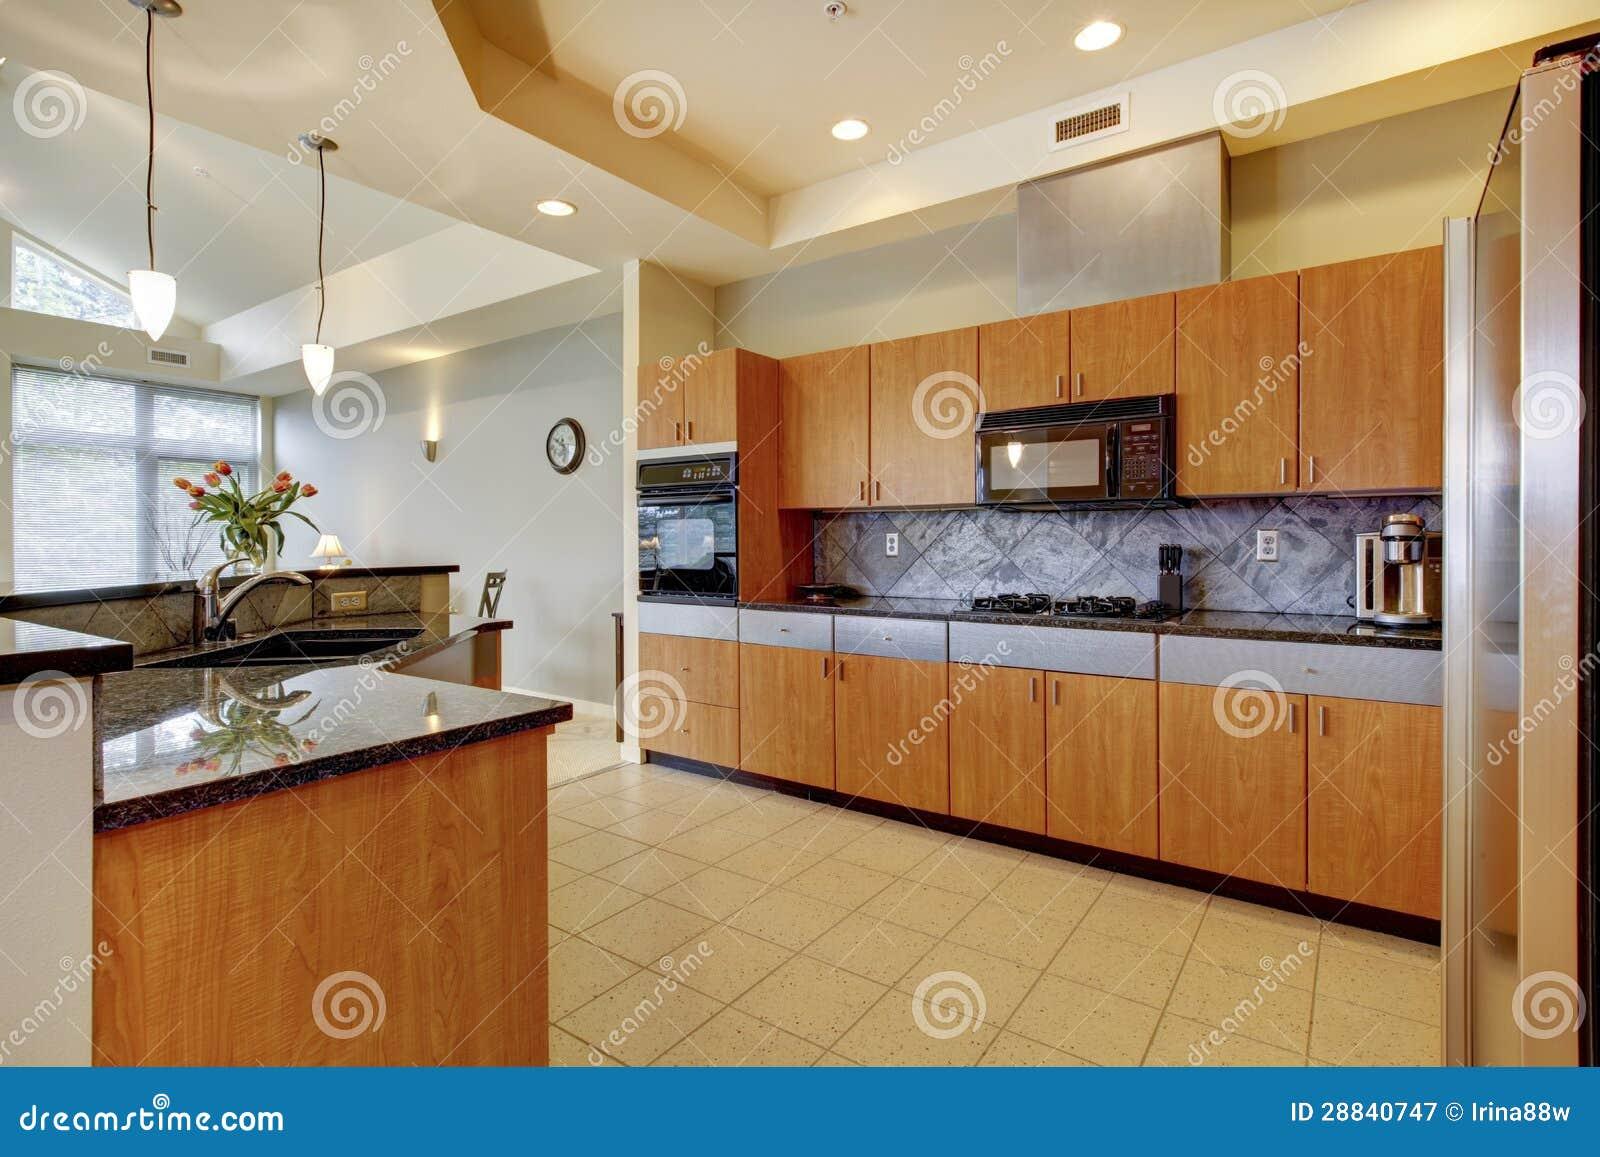 Grote Moderne Houten Keuken Met Woonkamer En Hoog Plafond